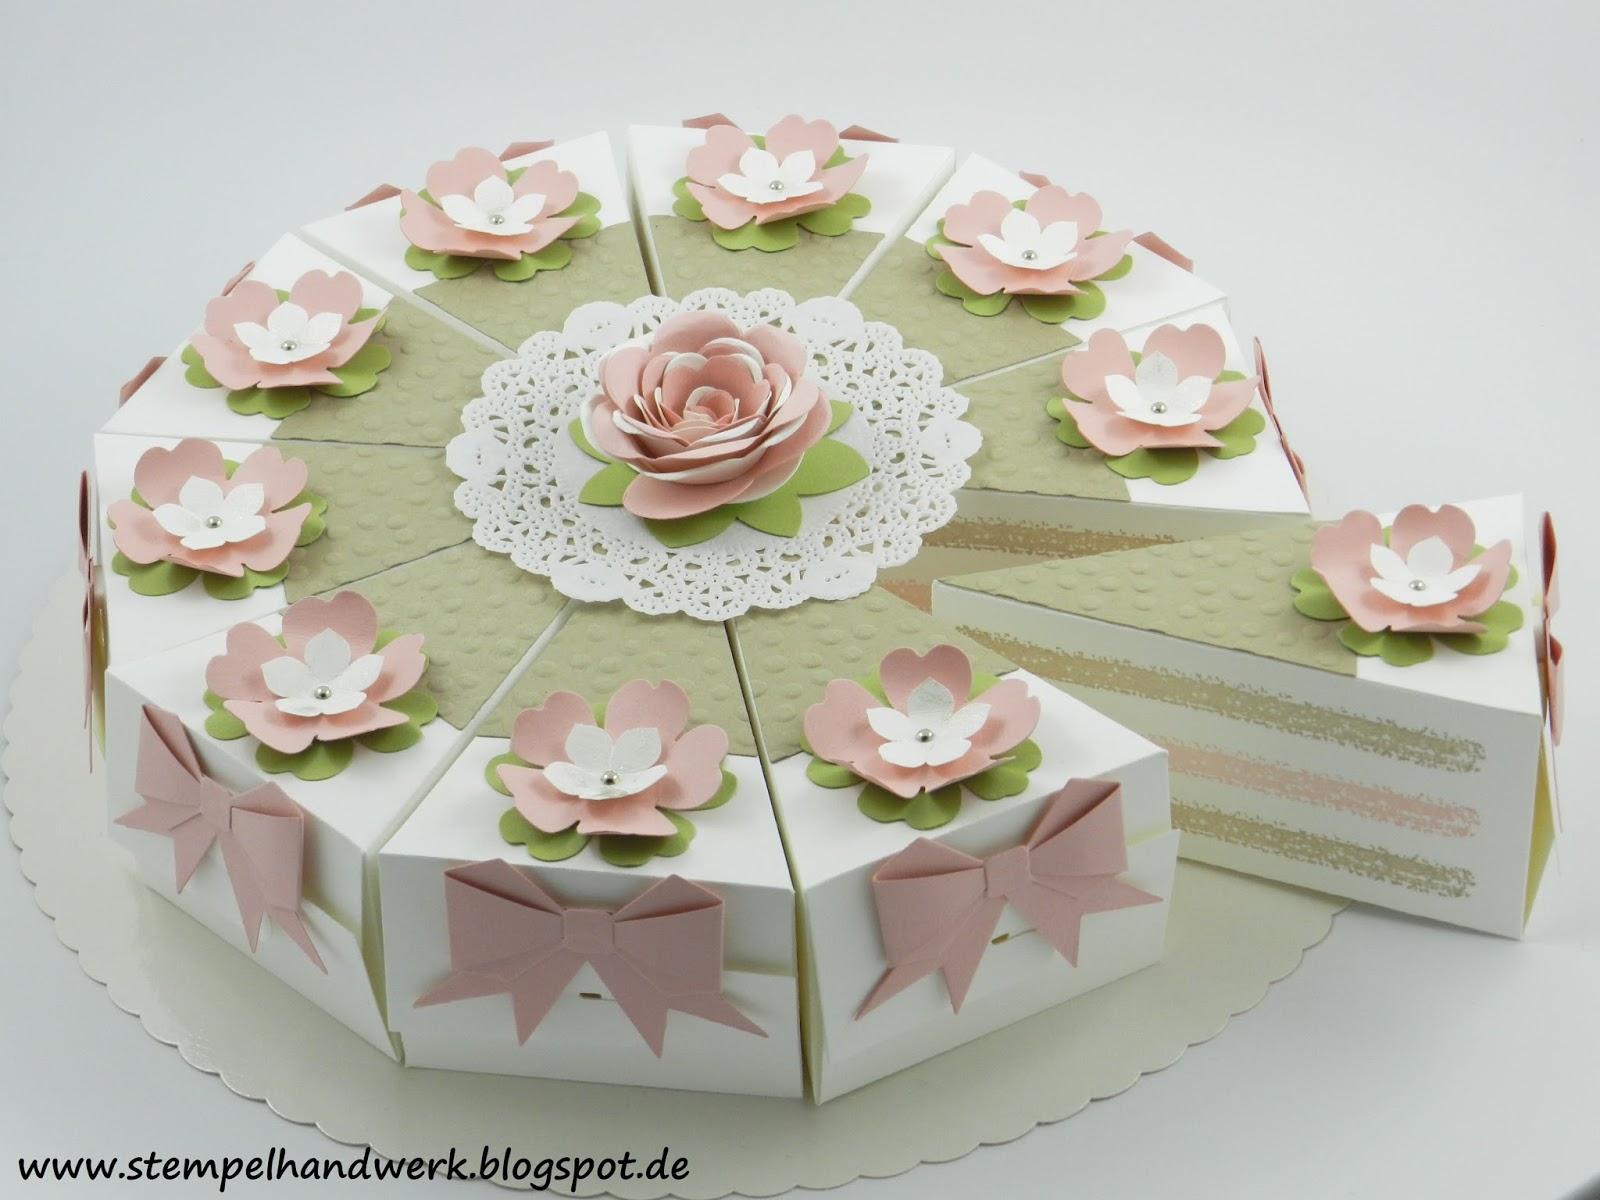 Stempelhandwerk Kalorienarme Torte Als Geldgeschenk Zur Hochzeit